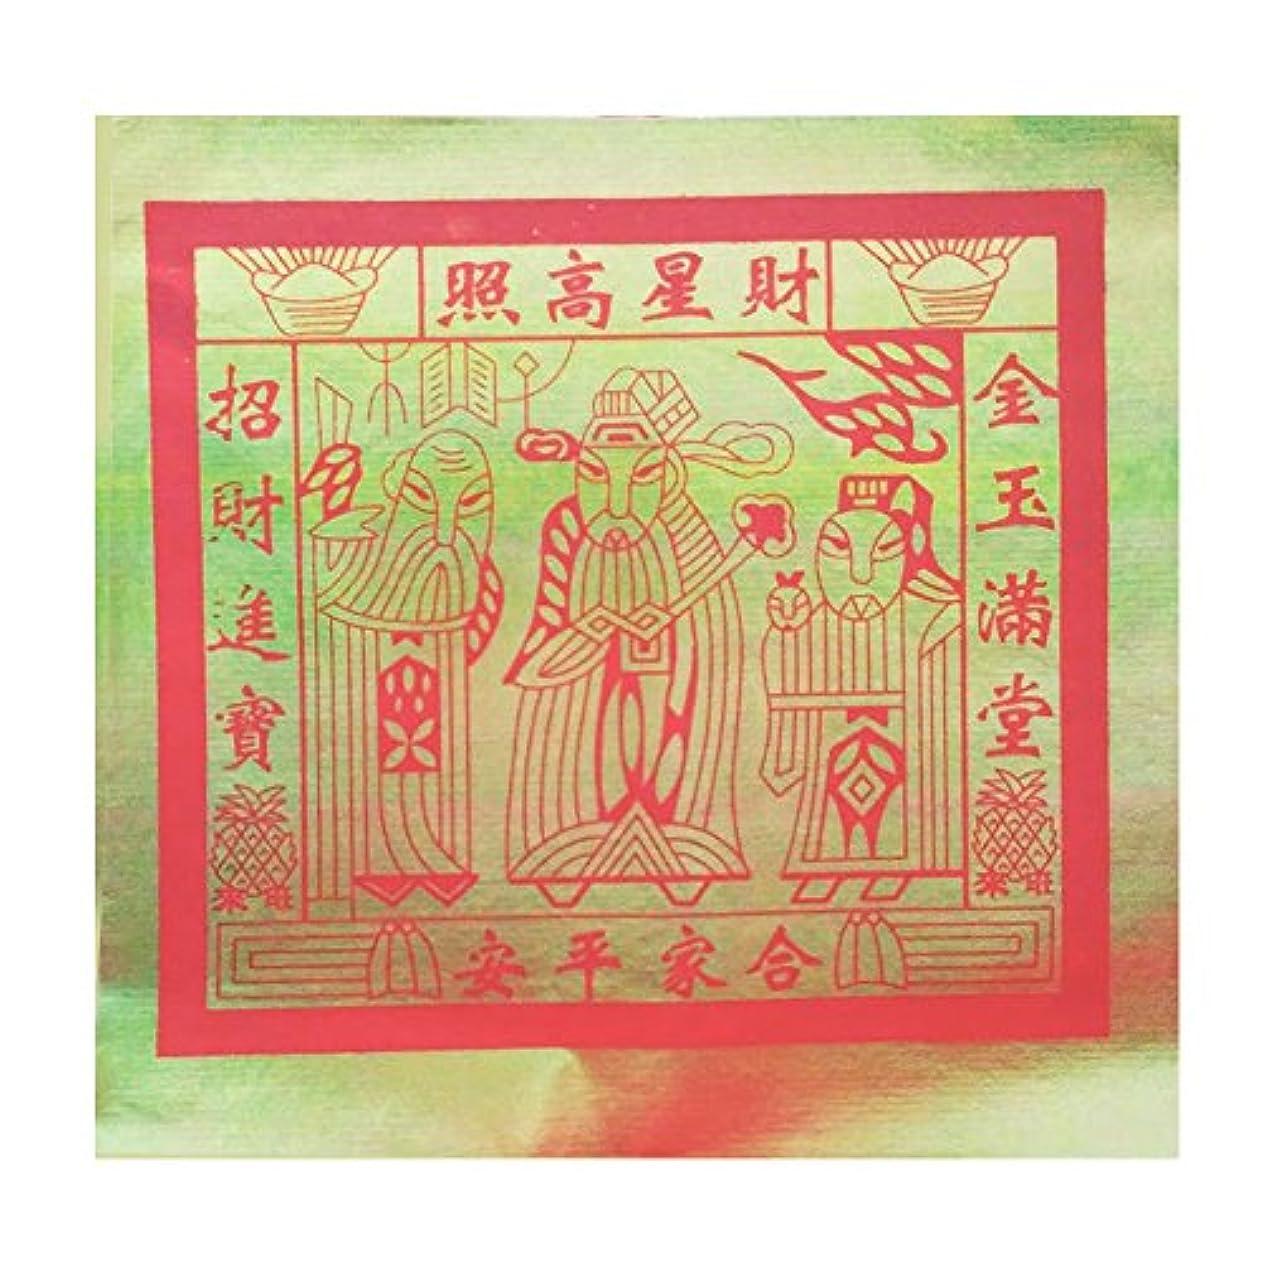 争う息を切らしてスキル100個Incense用紙/ Joss用紙with High Gradeフルゴールド箔サイズ中10.75インチx 10.4インチ